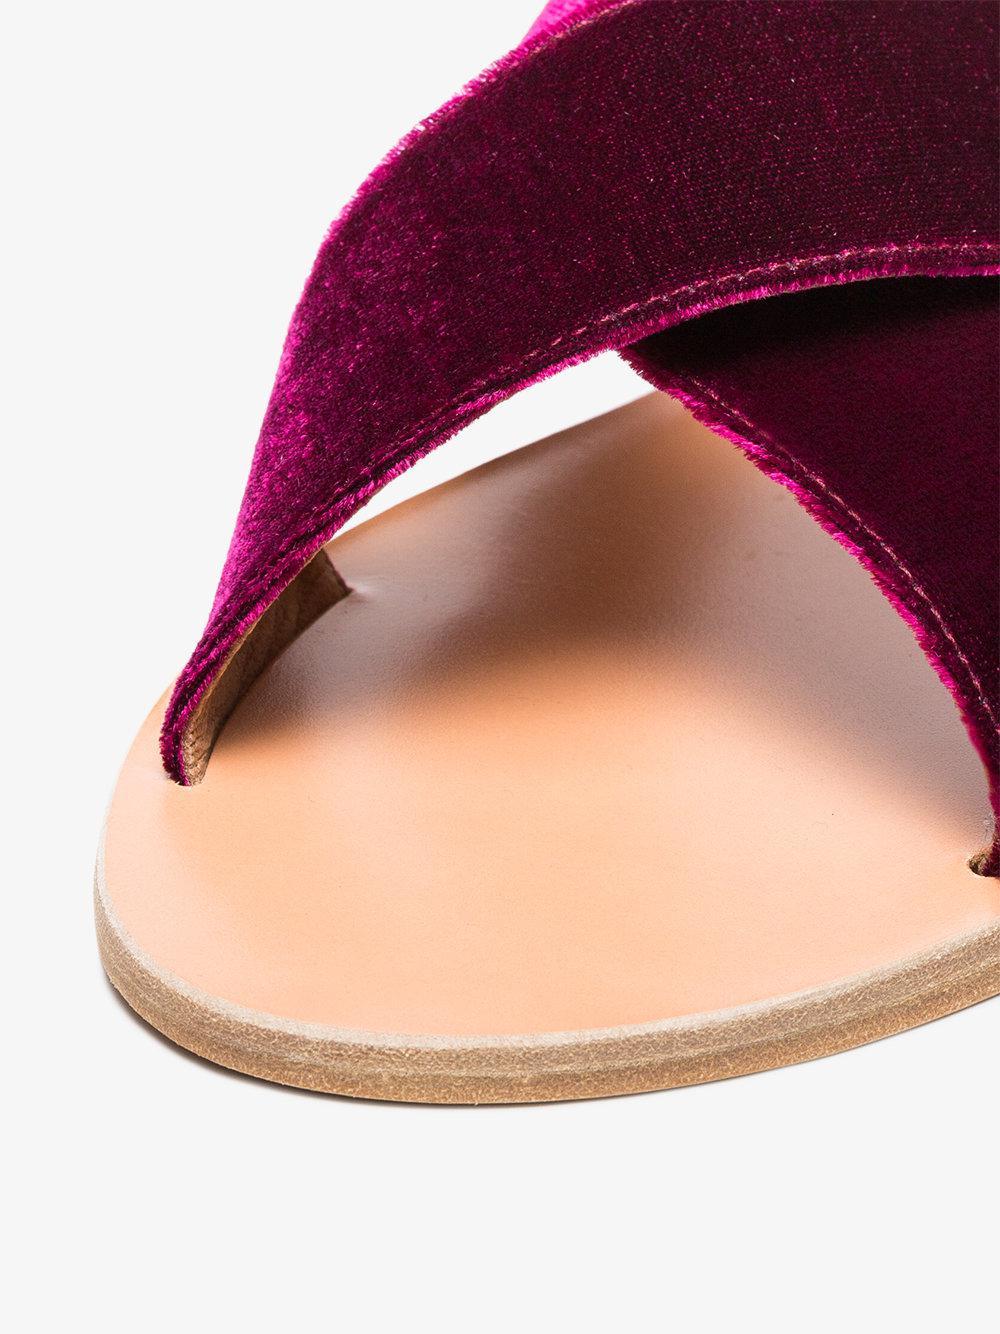 Cheap Sale Fashionable Largest Supplier Purple Thais Velvet Sandals - Pink & Purple Ancient Greek Sandals WwdEm3yi